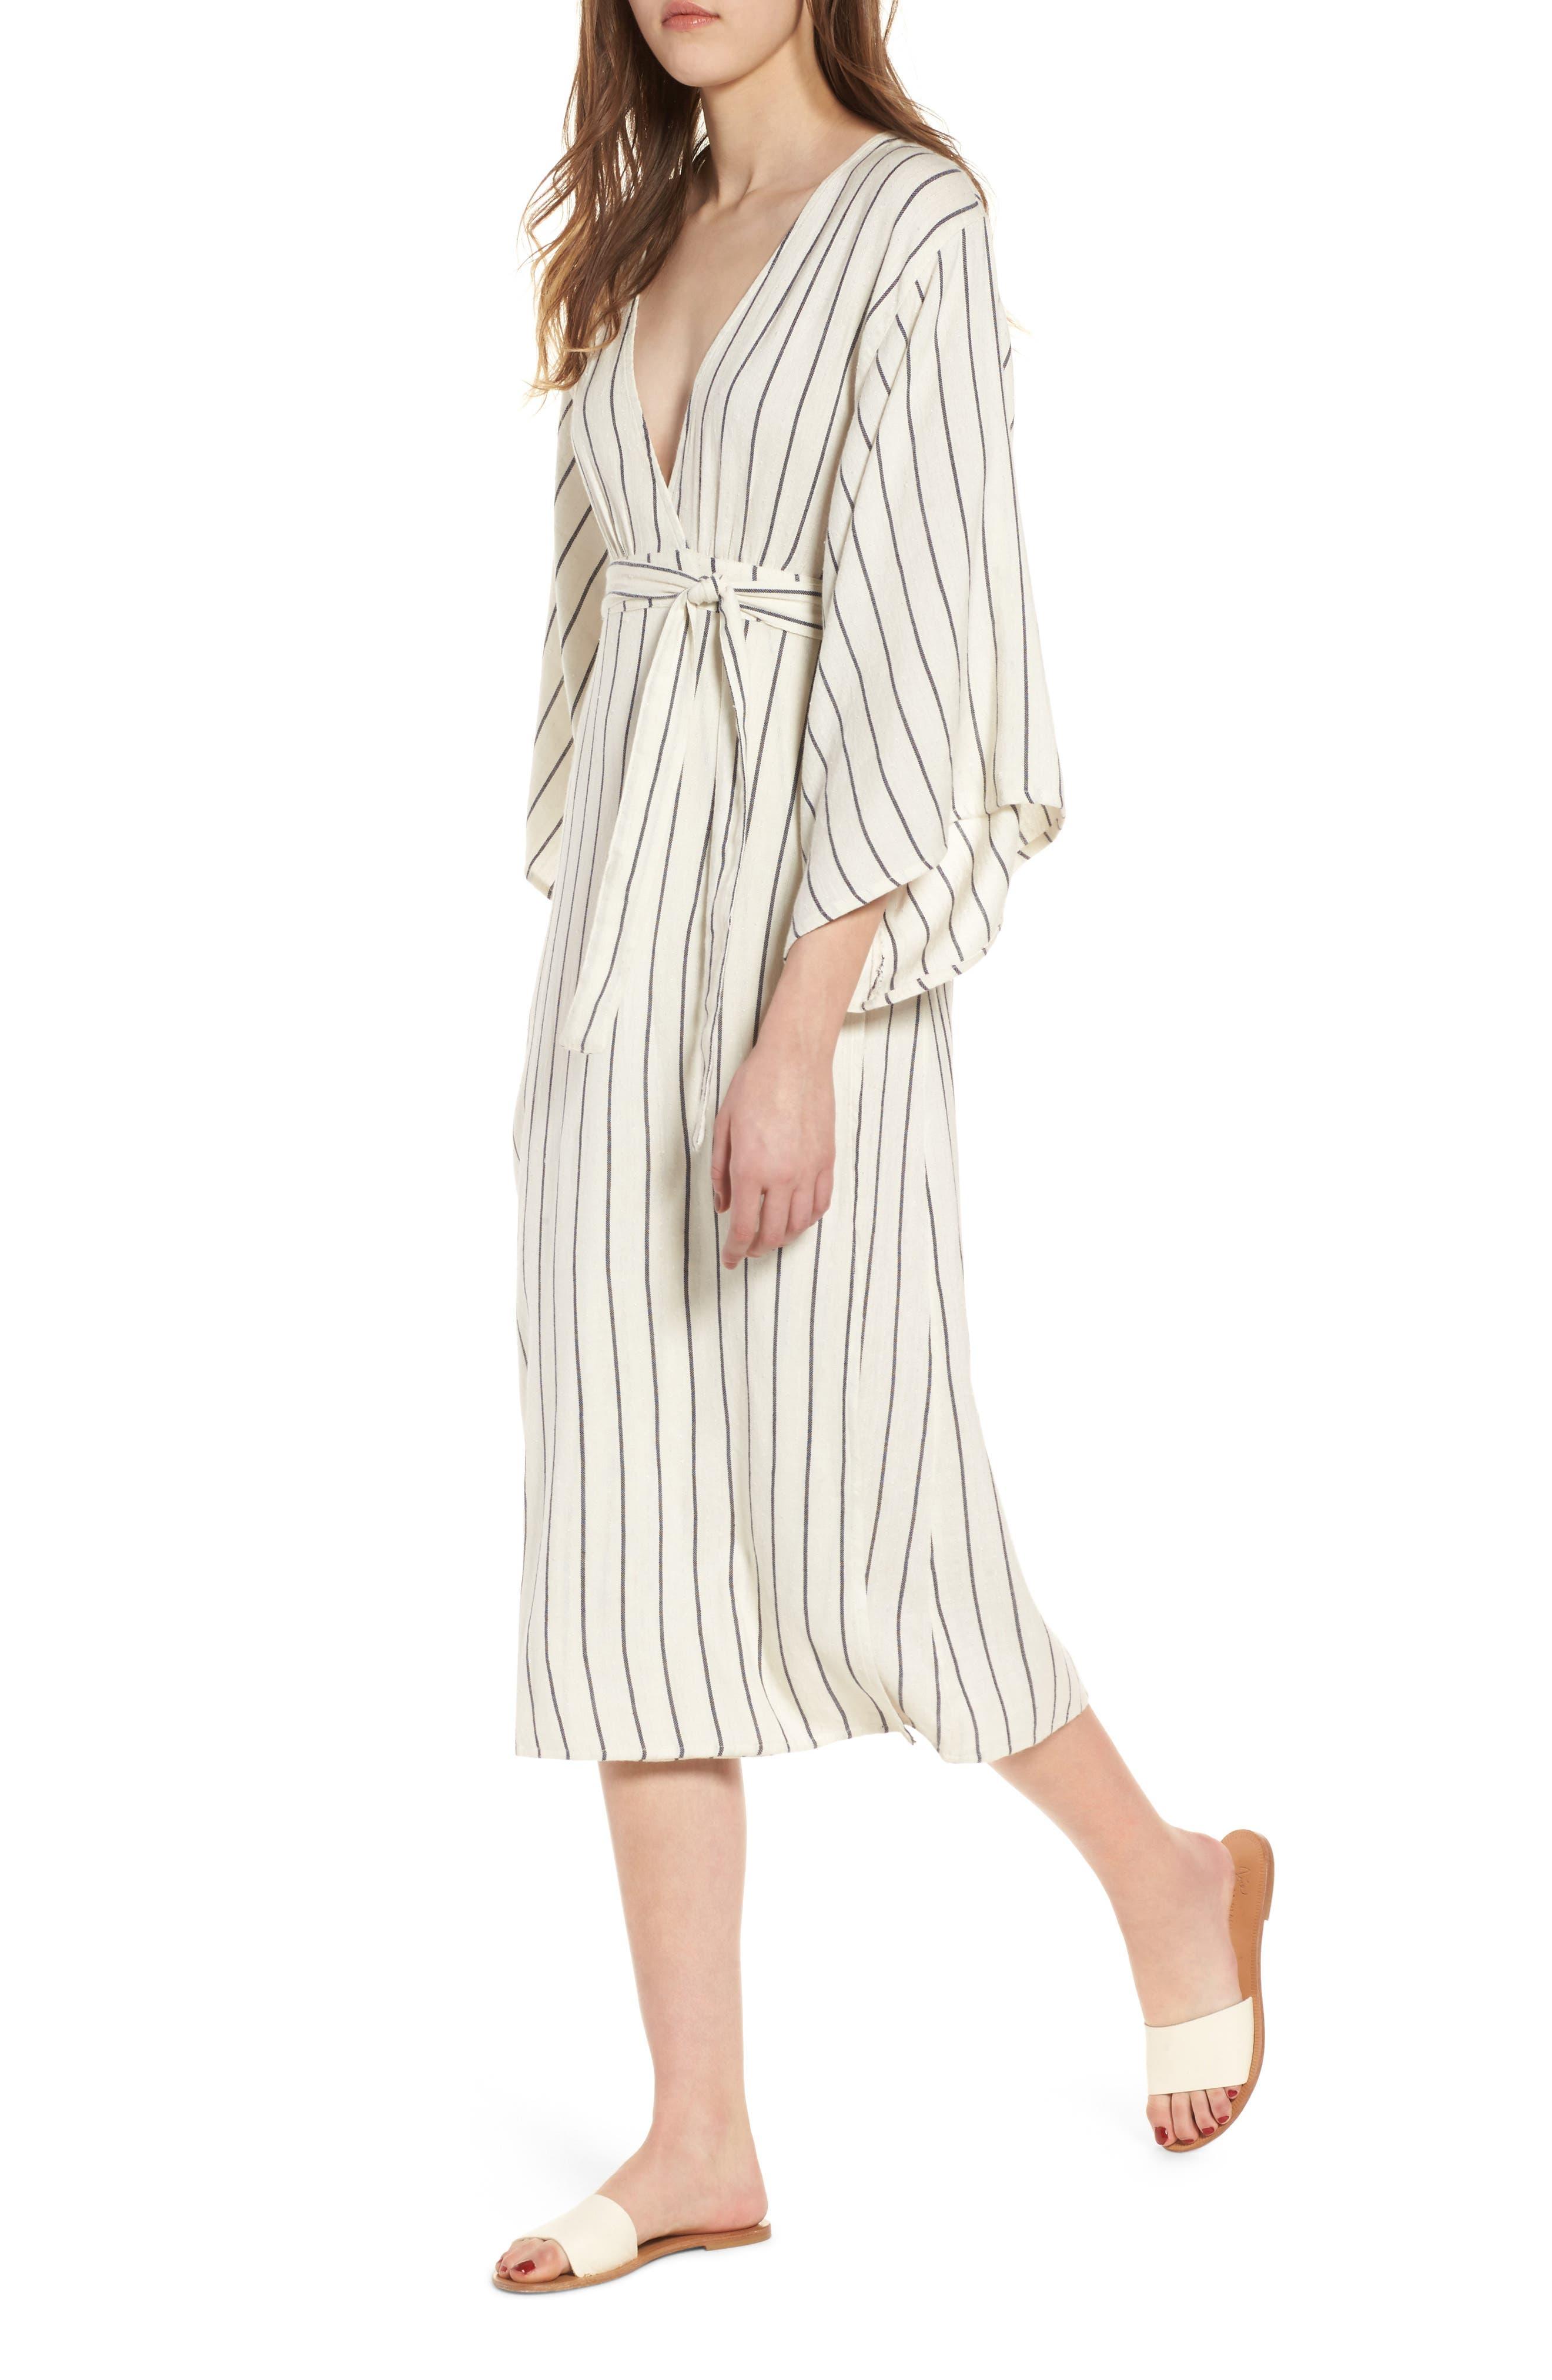 Robe Life Striped Midi Dress,                         Main,                         color, 190